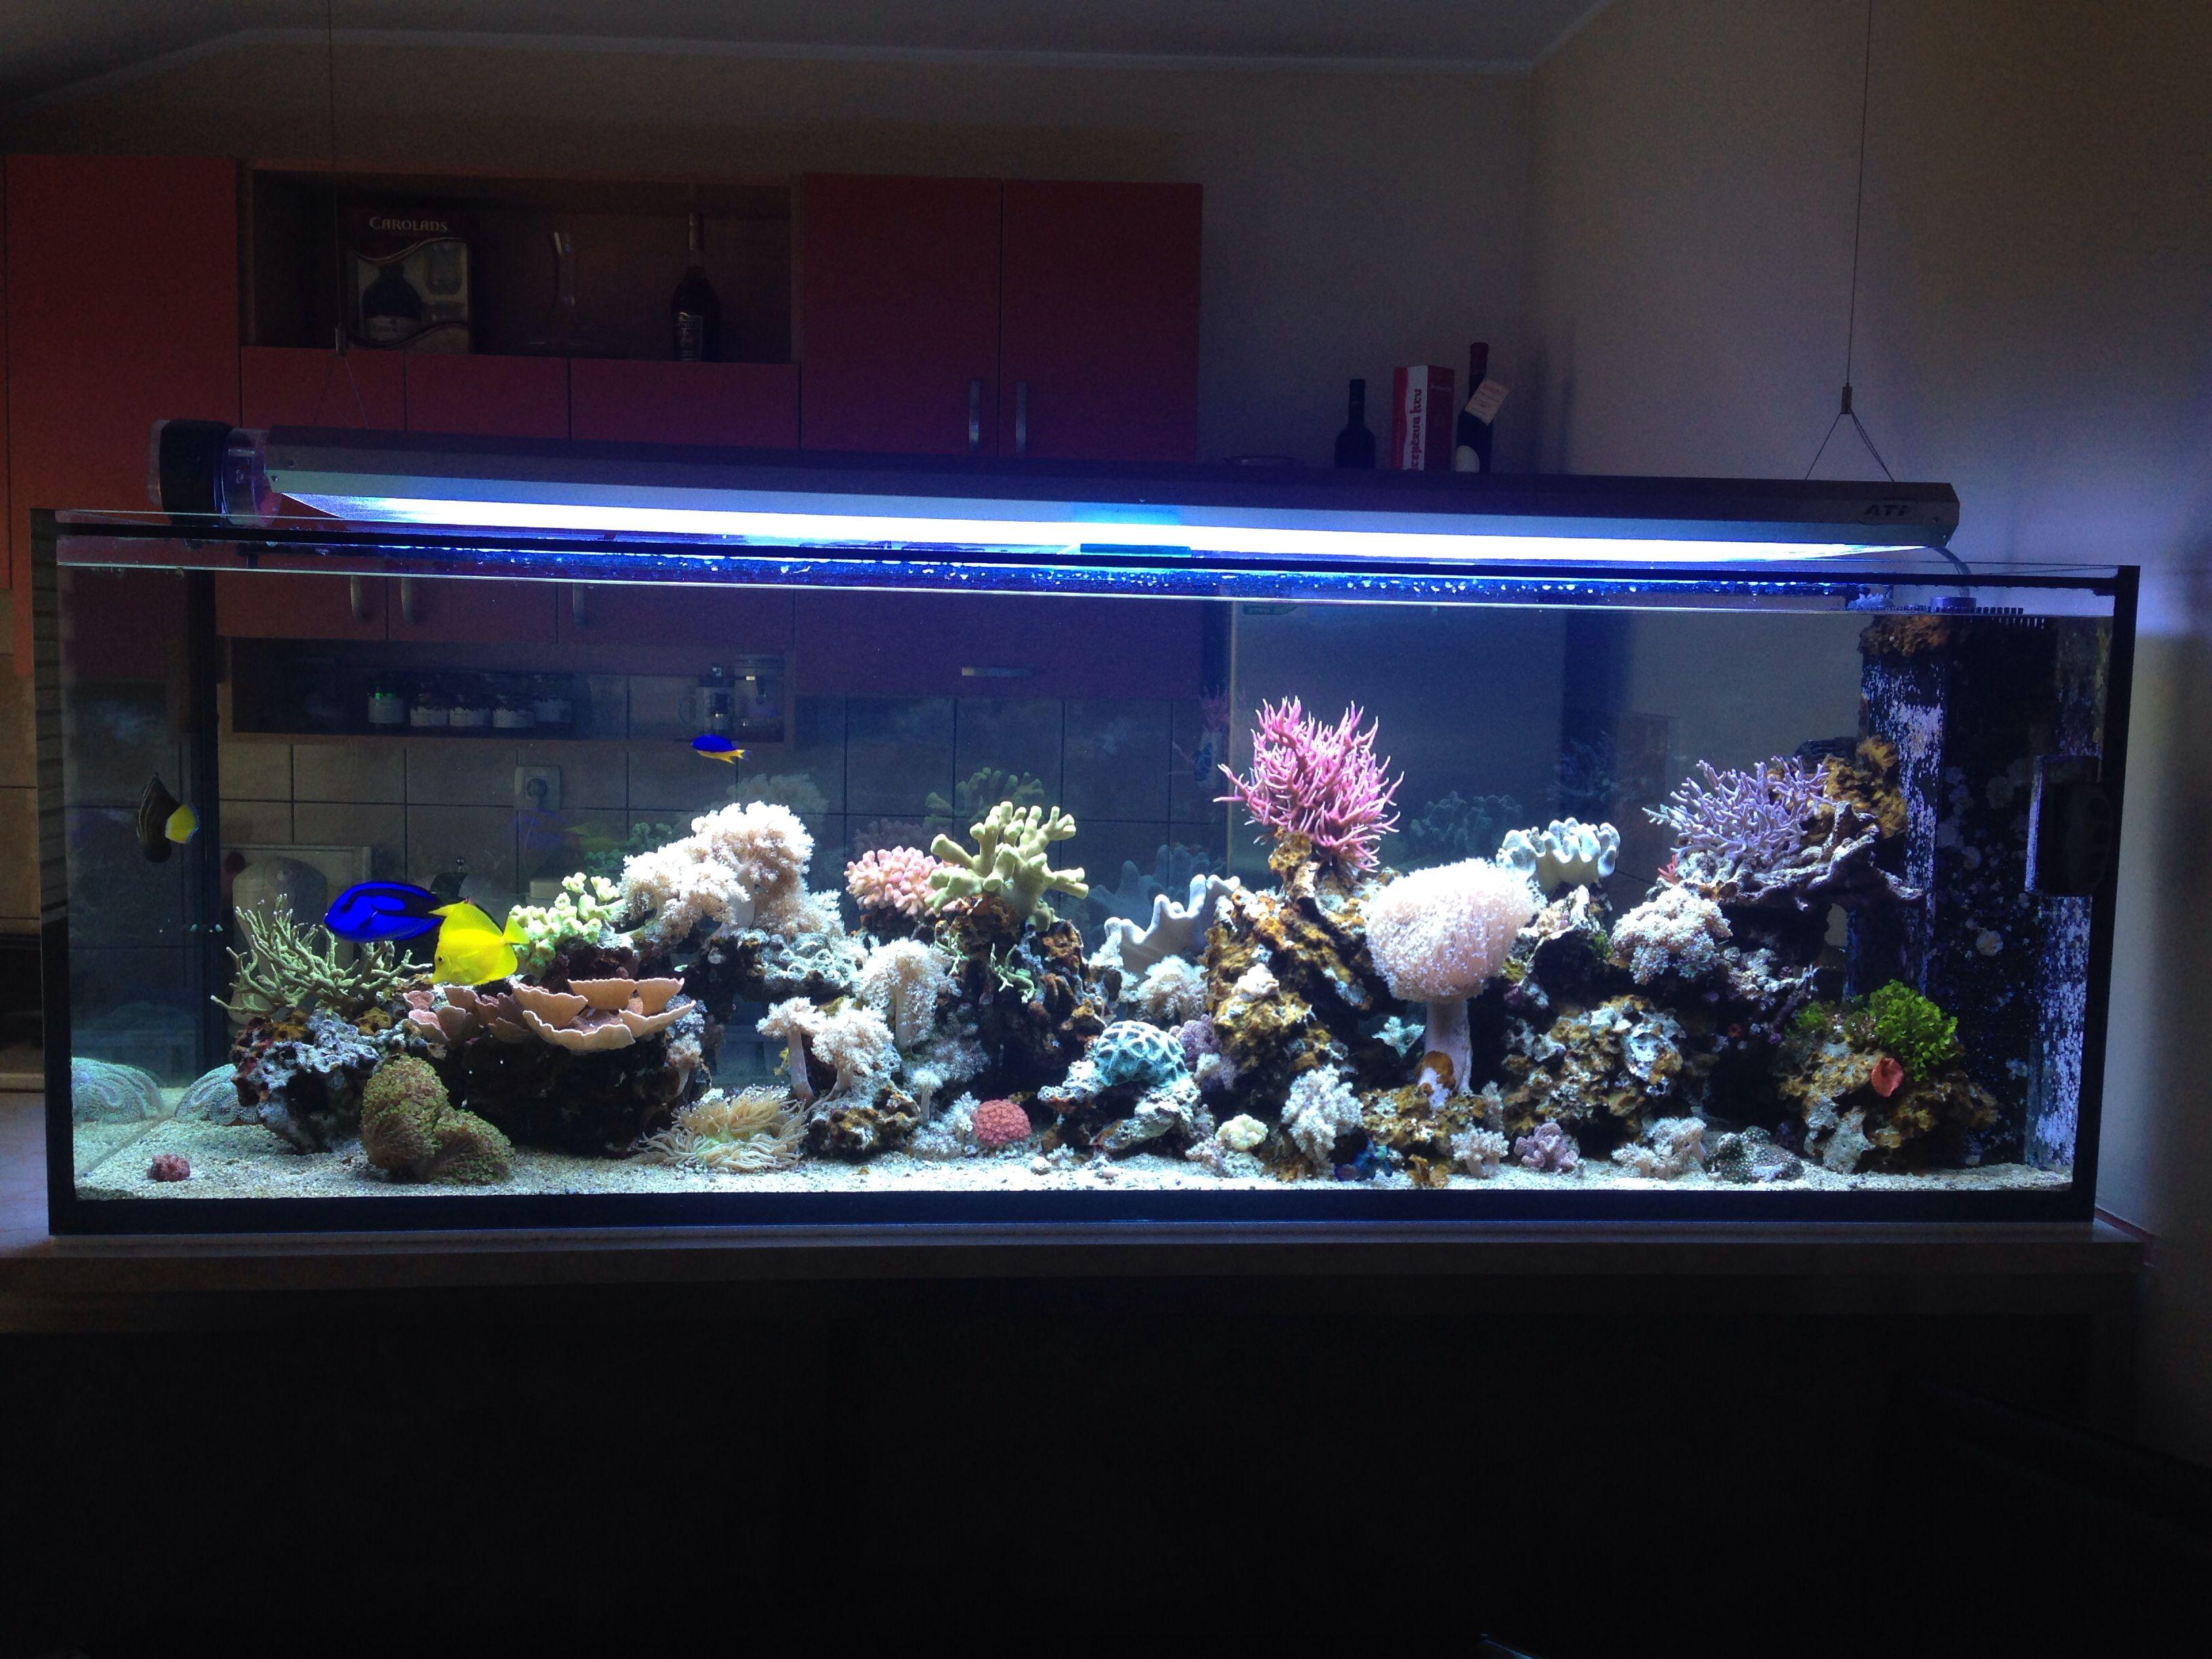 Reefroom Morski Akvarijum Pancevo #Reefroom #Reeftank #Morskiakvarijum